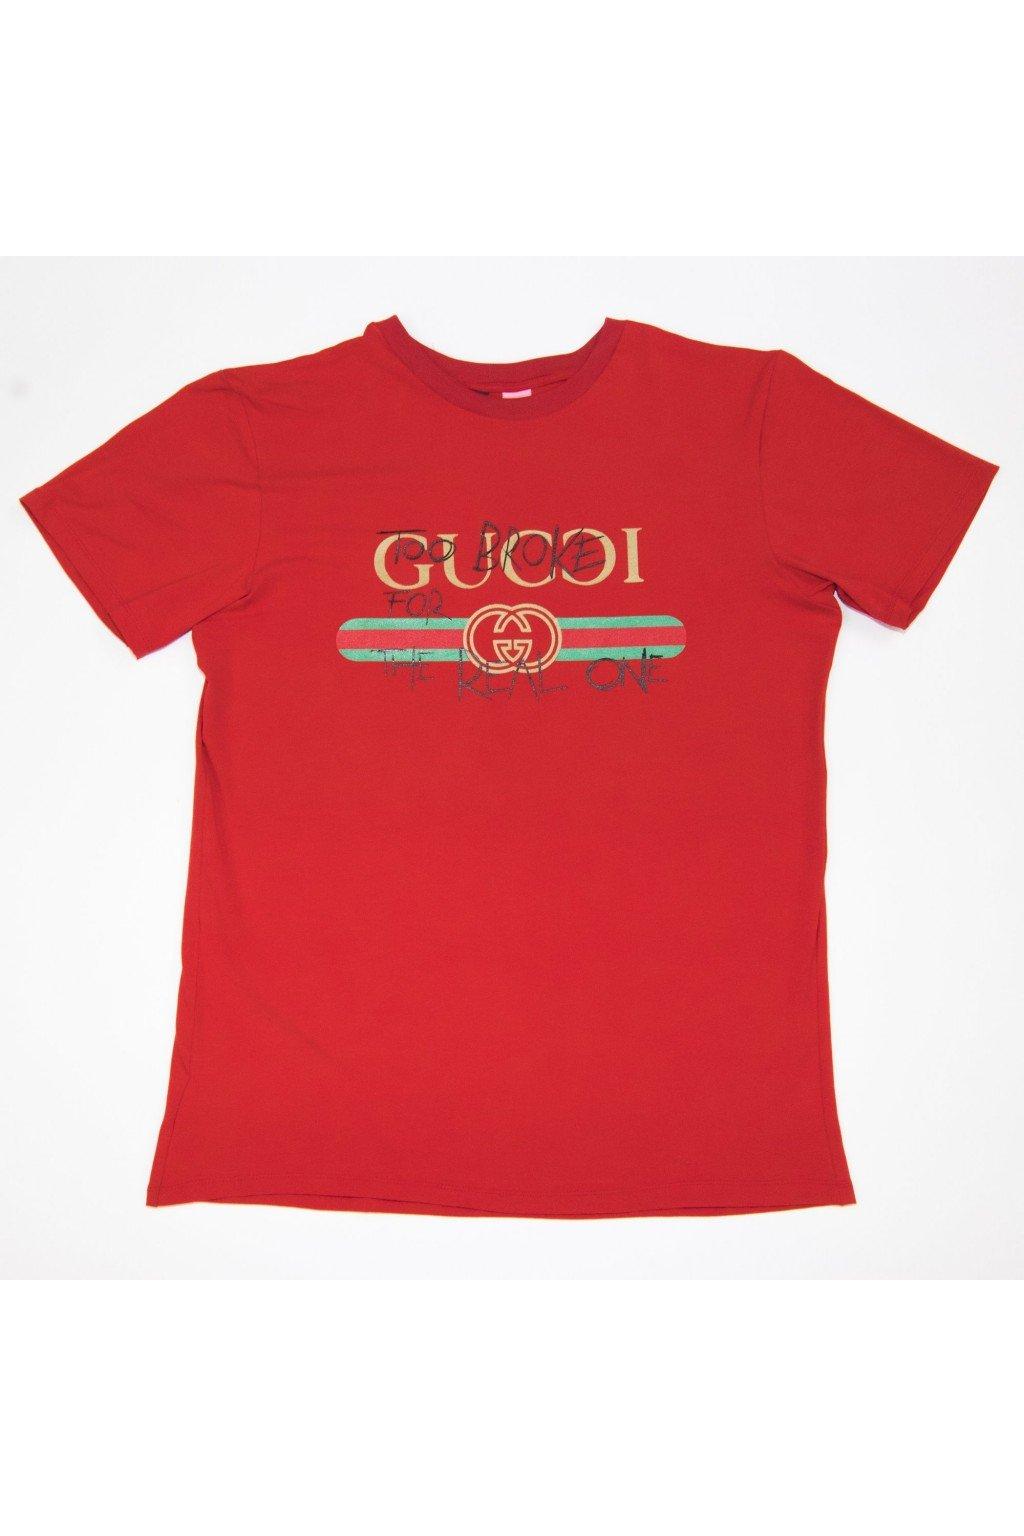 Tričko TooBroke styl Gucci - červené (Velikost Velikost S)